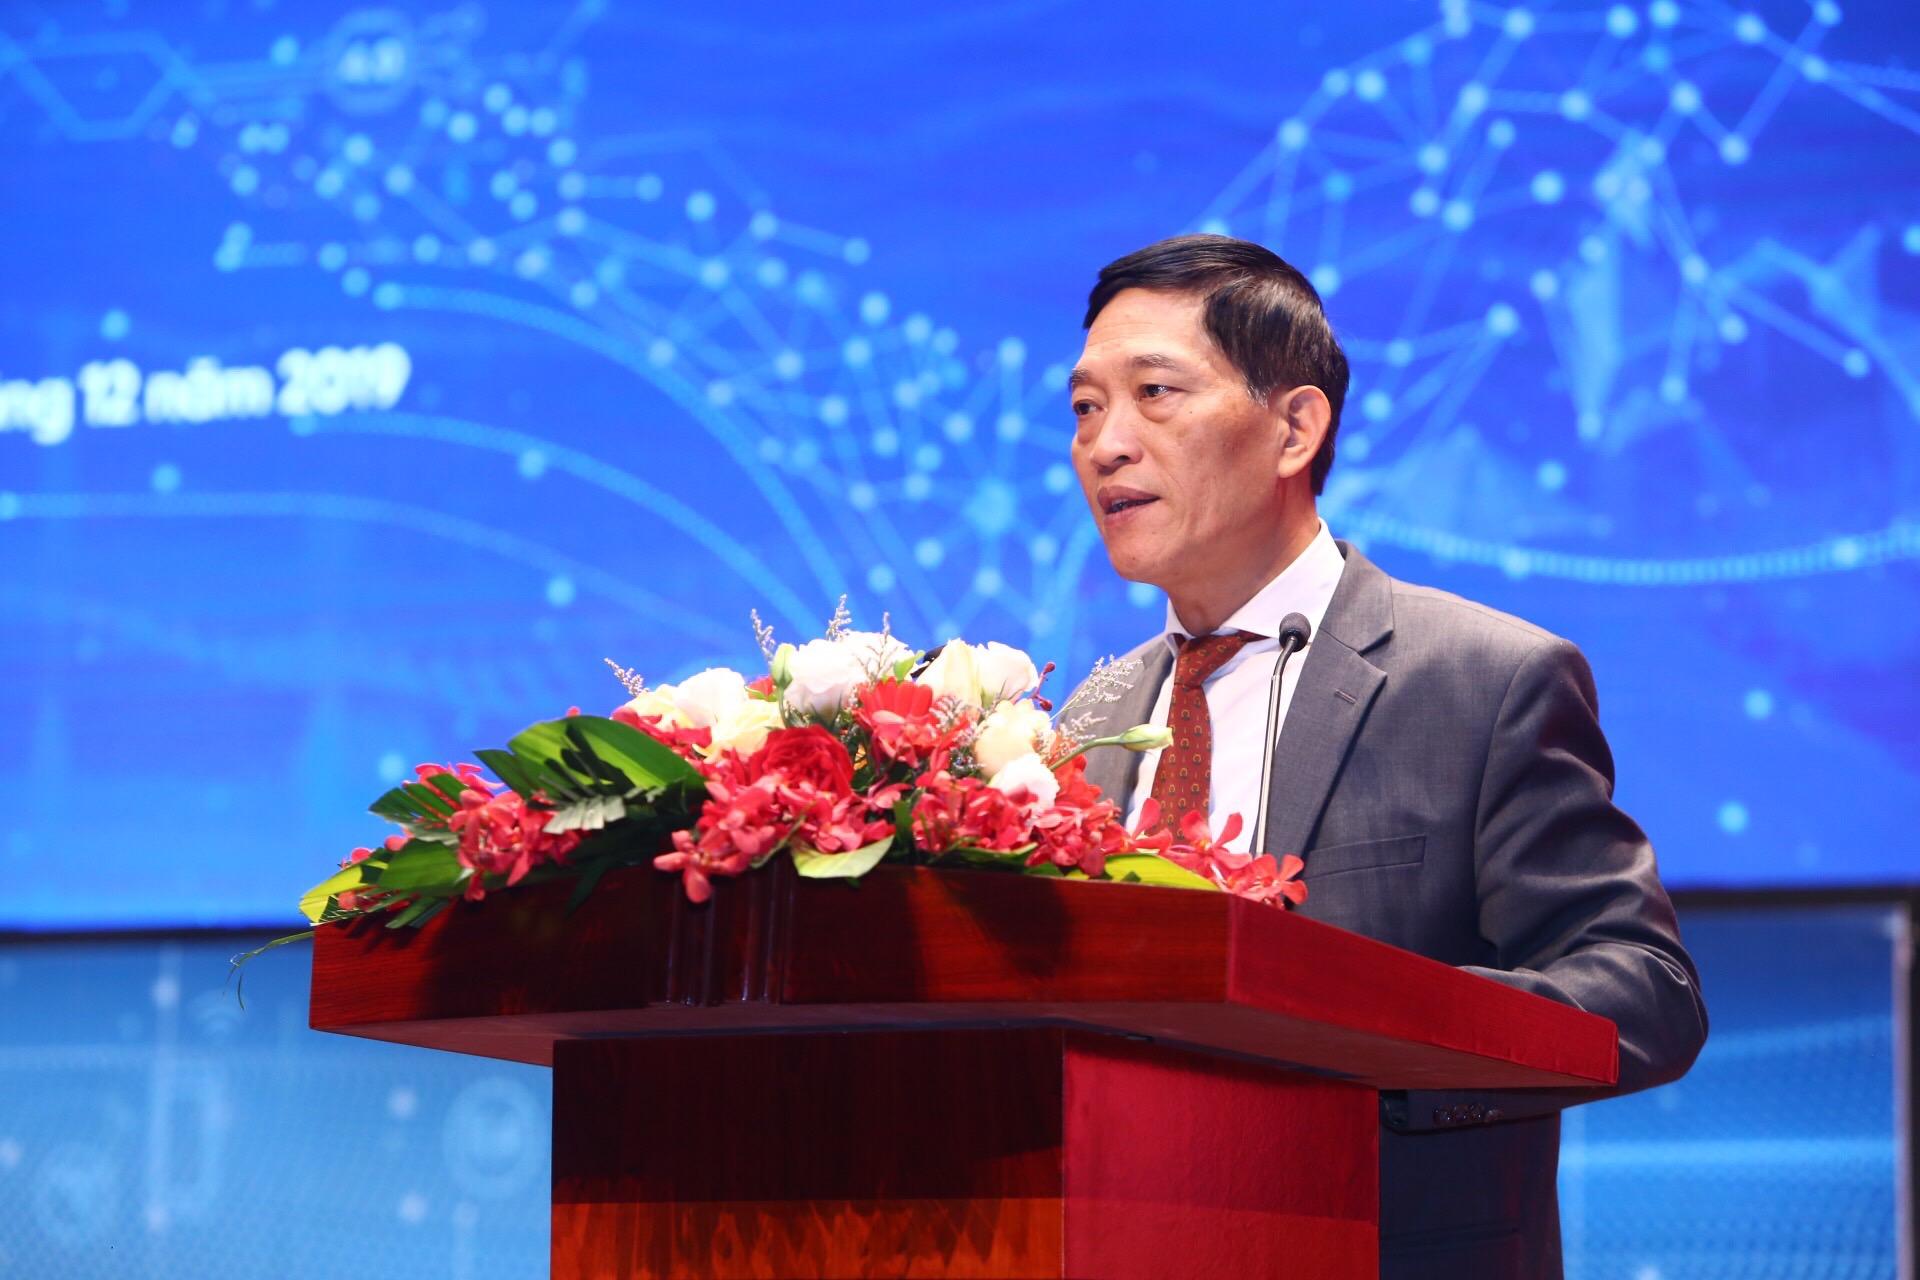 Thứ trưởng Bộ Khoa học và Công nghệ Trần Văn Tùng phát biểu tại lễ bế mạc